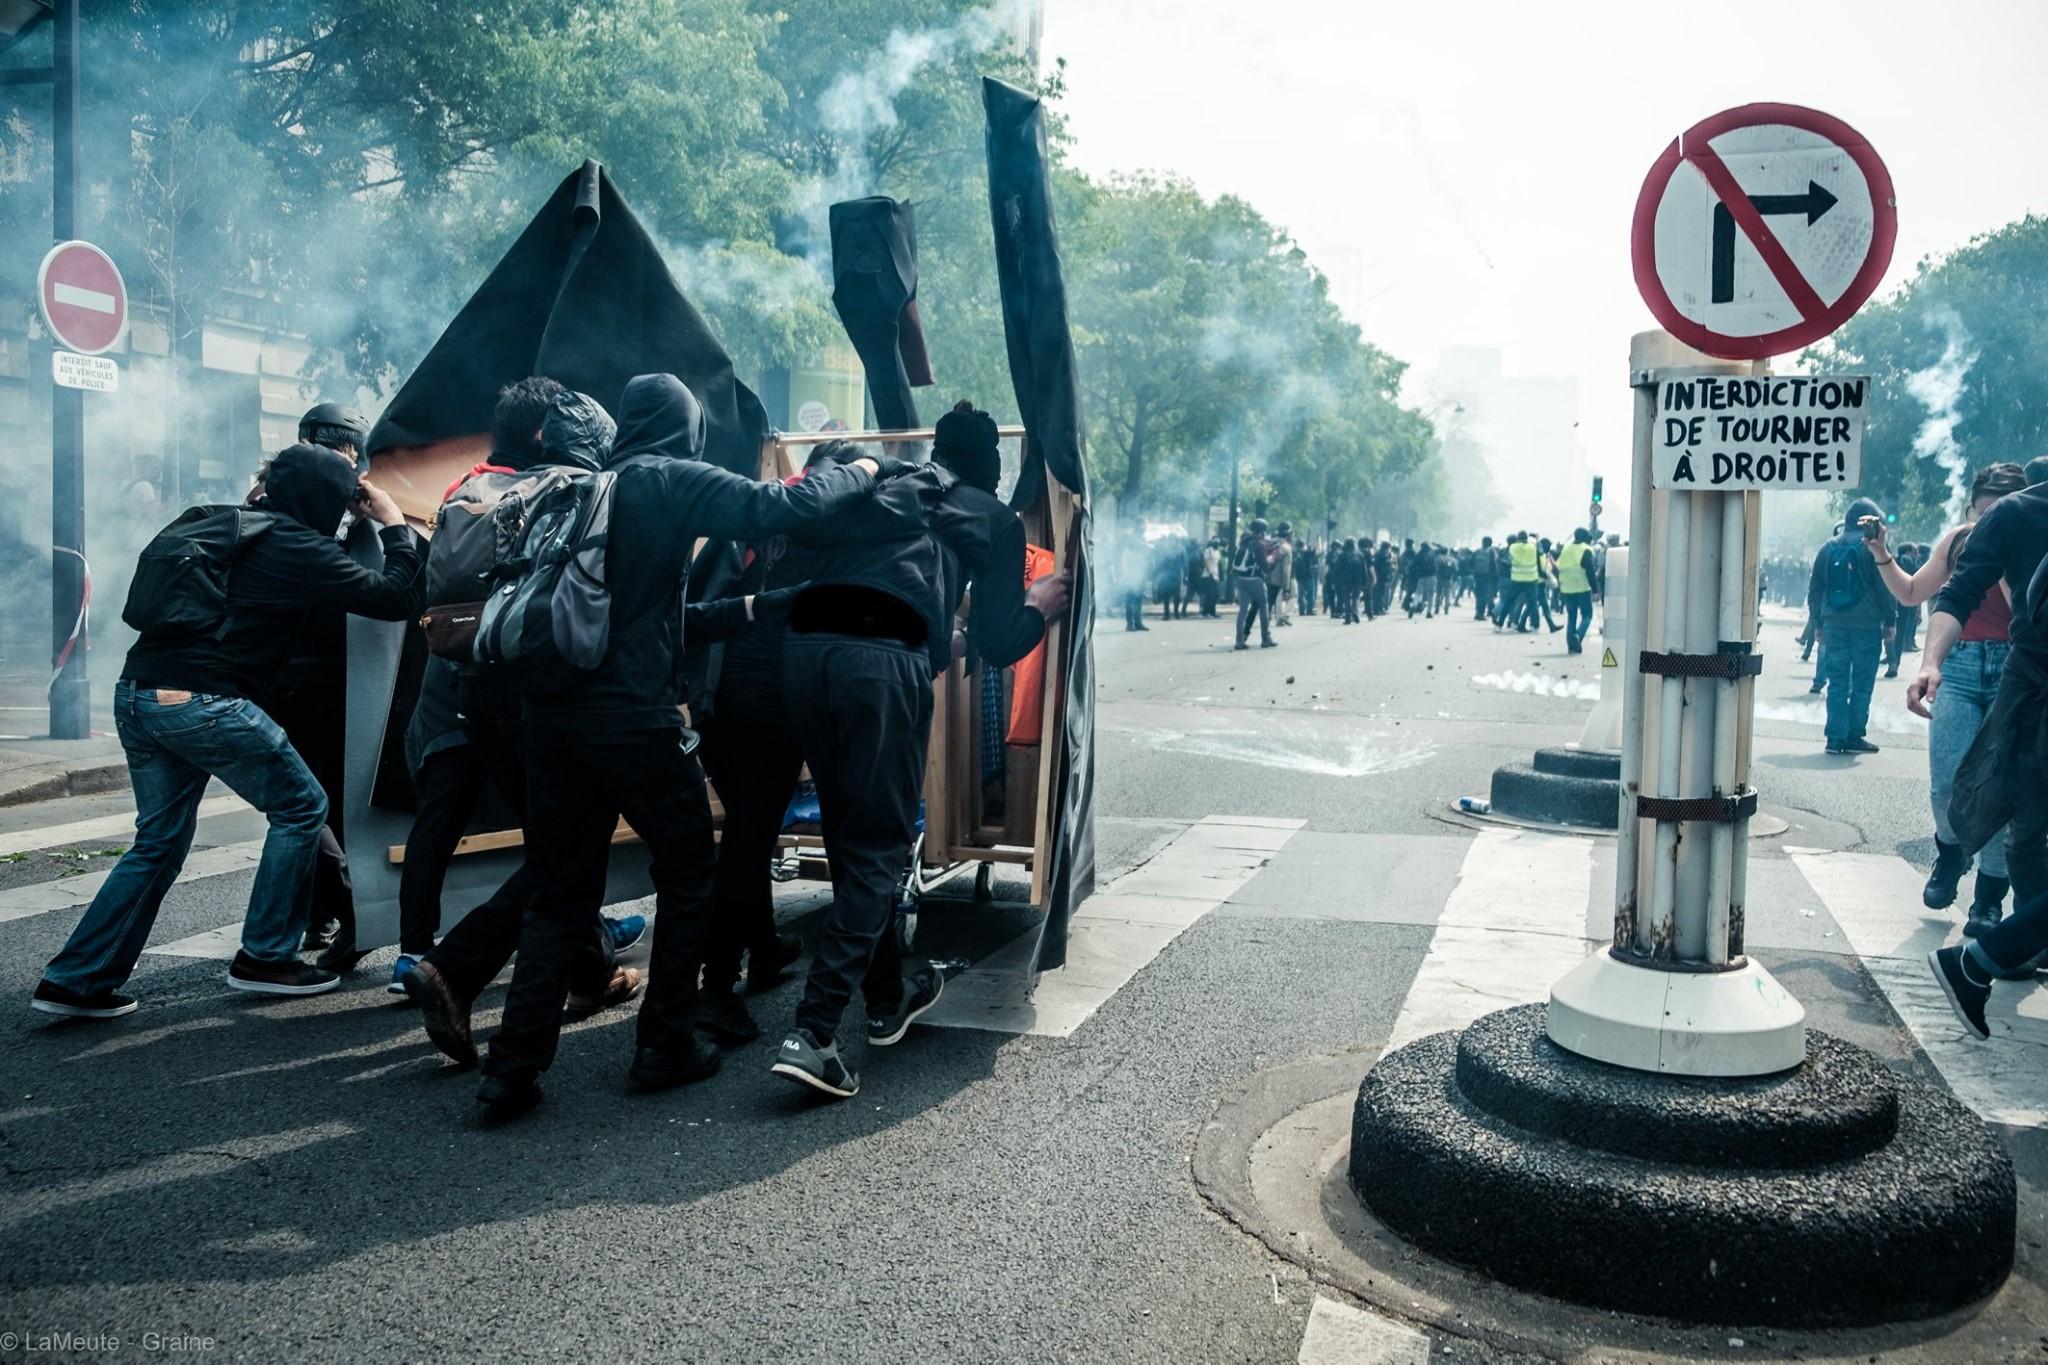 Le cygne noir du Bloc. Photo Stuv :  LaMeute